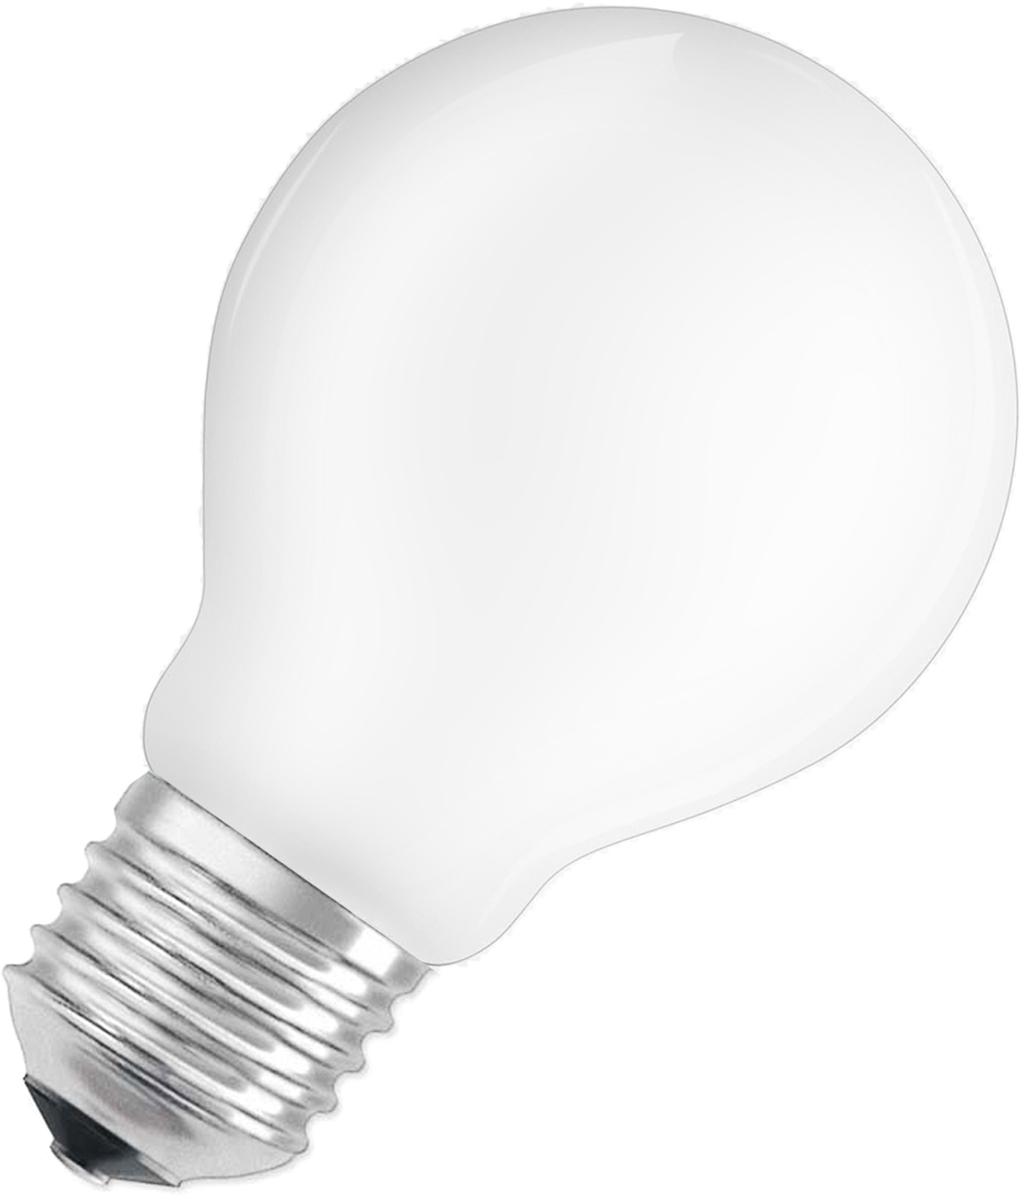 """Лампа накаливания Osram """"Classic"""" A FR 60Вт E27 220-240В. 4008321419552"""